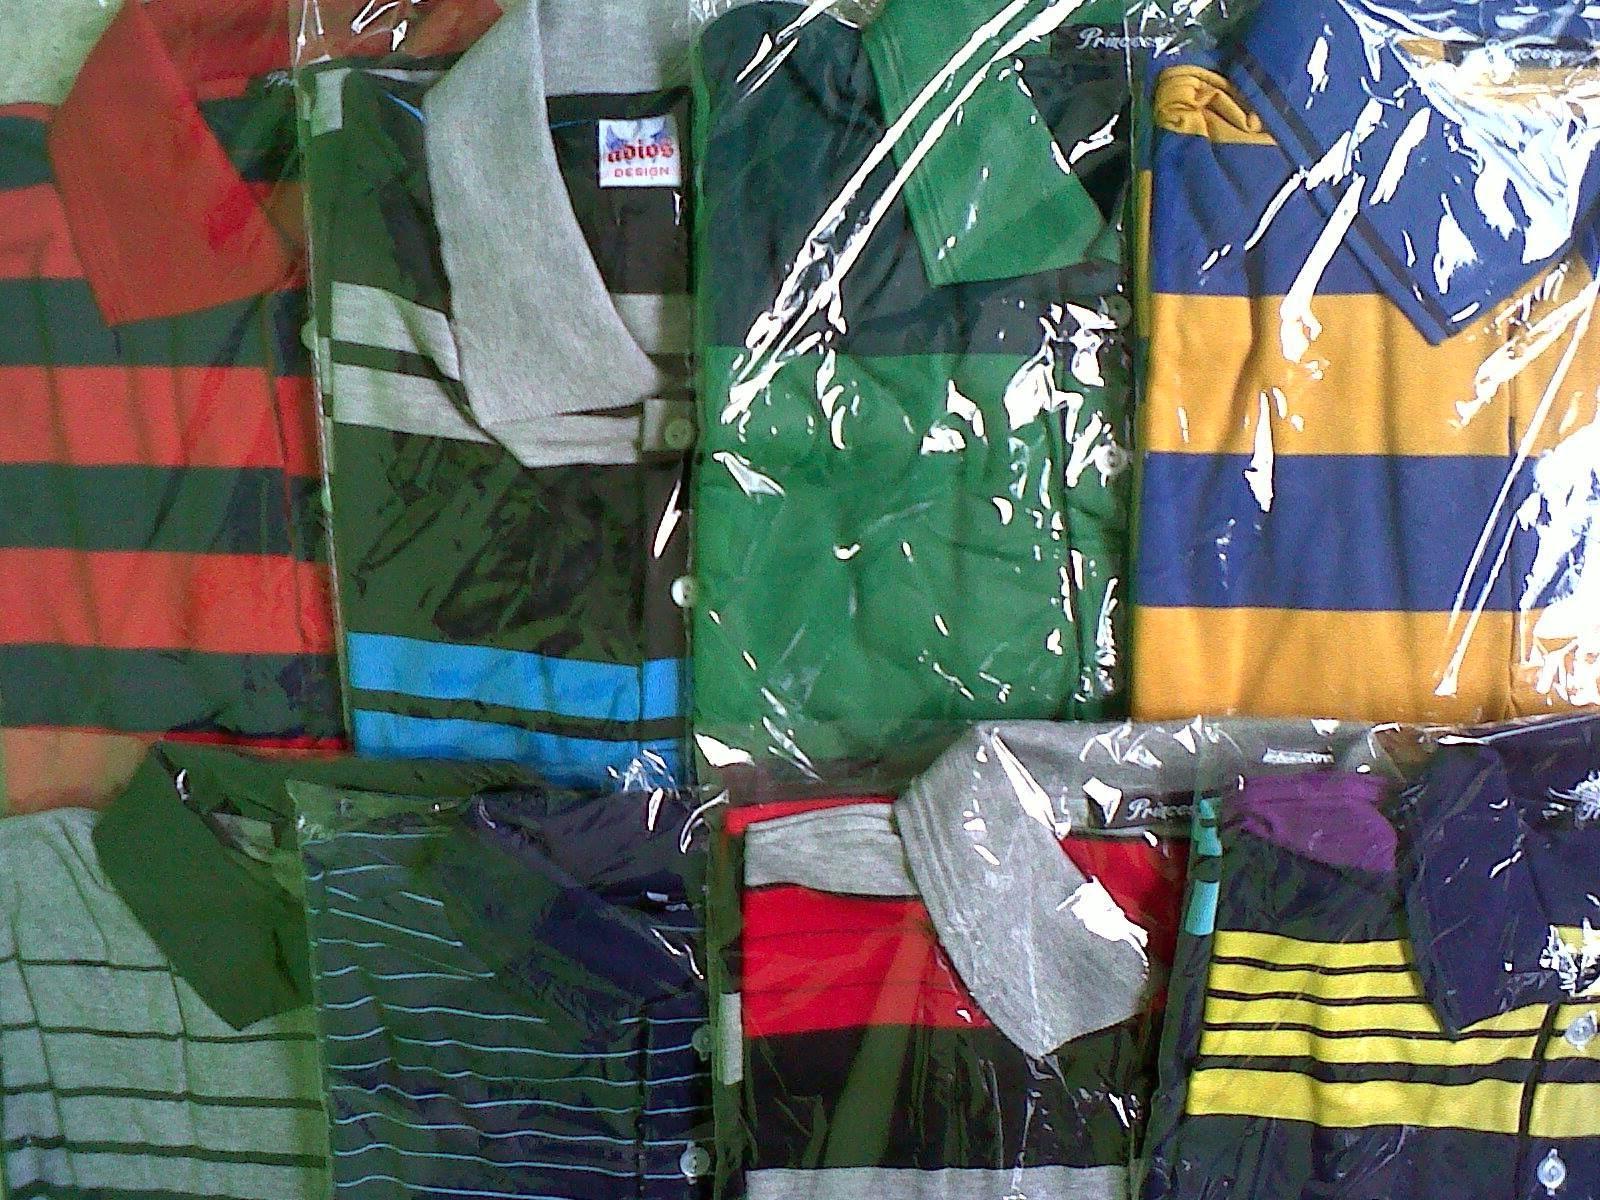 Pabrik Kaos Salur Anak Singlet 2 Tahun 6 Pcs Di Masing Kota Besar Sendiri Tentu Bakal Senantiasa Ada Produsen Yang Menghasilkan Beragam Jenis Product Satu Diantaranya Yaitu Baju Serta Tak